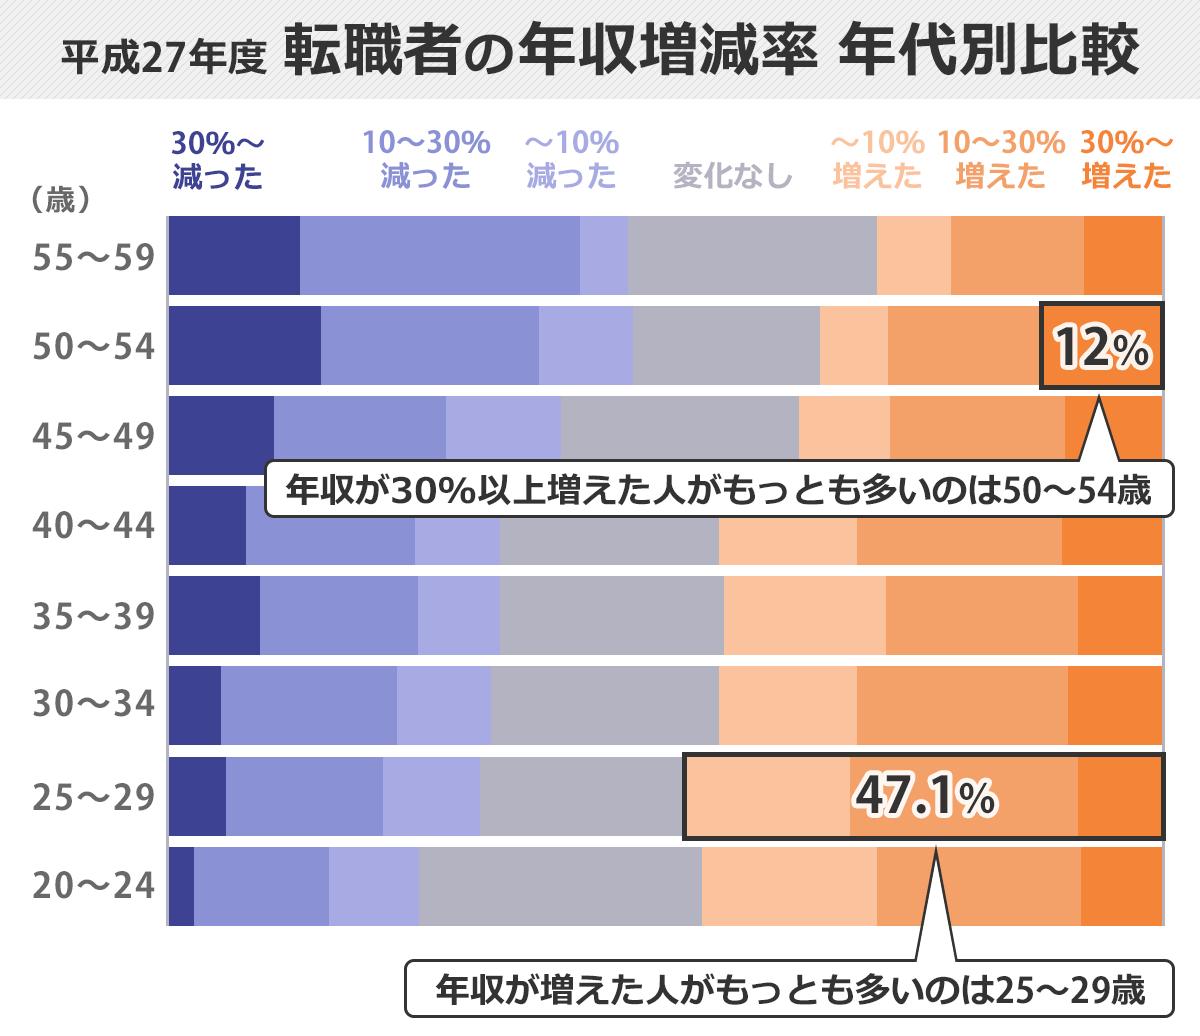 年収増減率の年代別比較100%積み上げ棒グラフ。